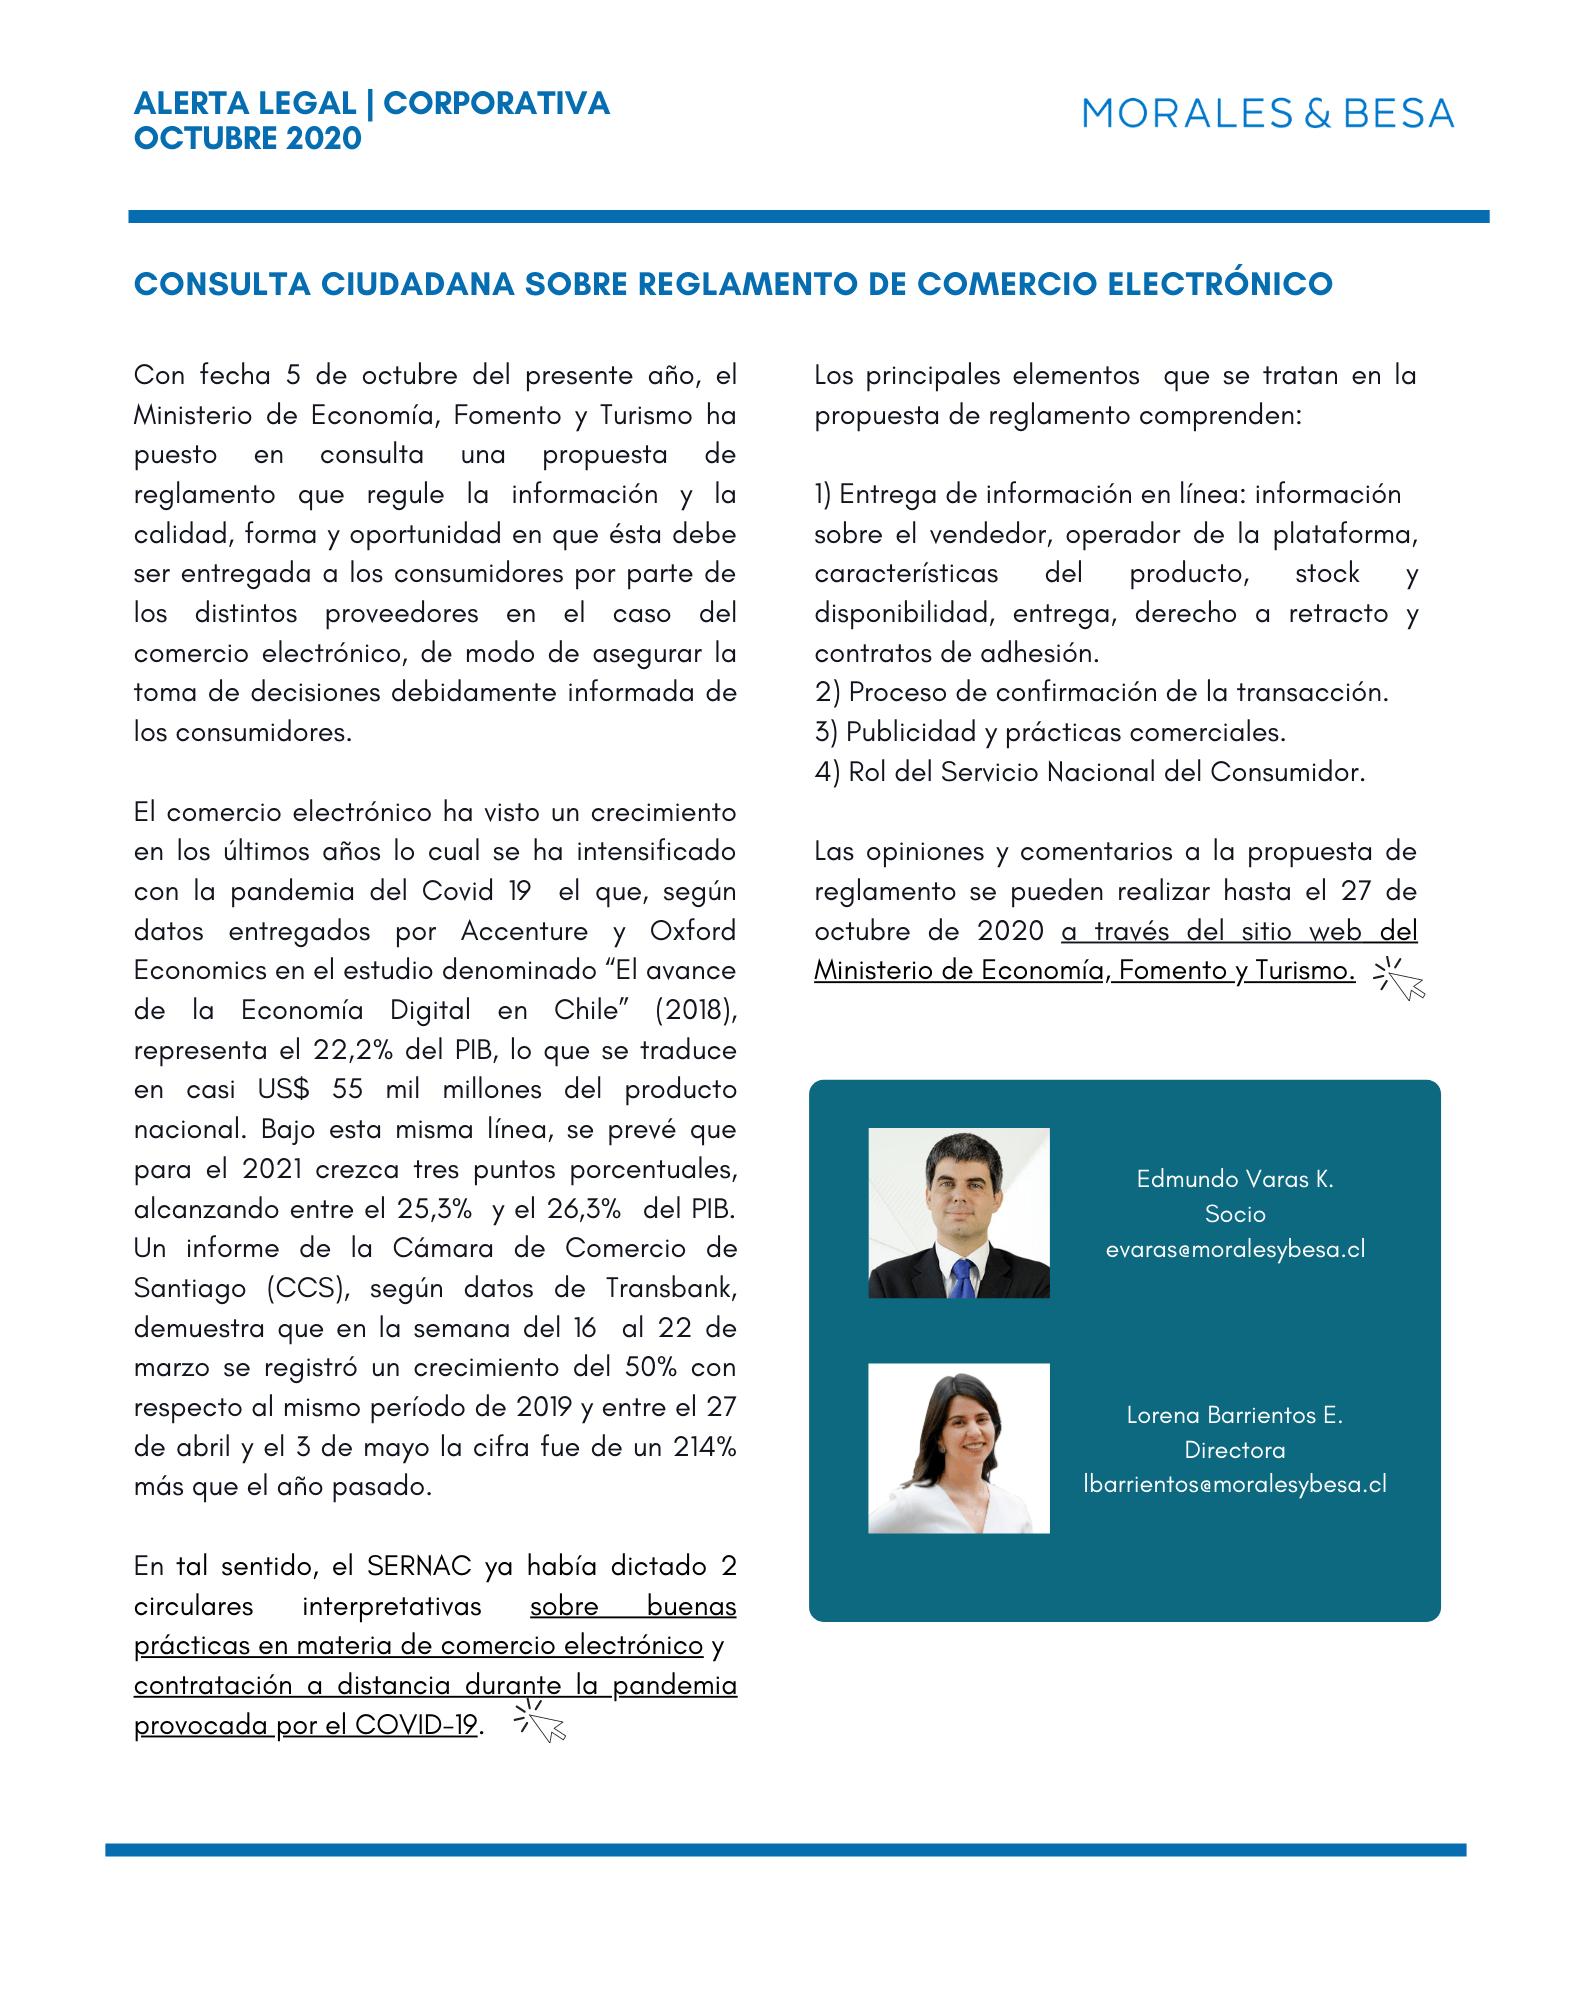 Alerta Legal M&B - Consulta ciudadana Reglamento de comercio electrónico